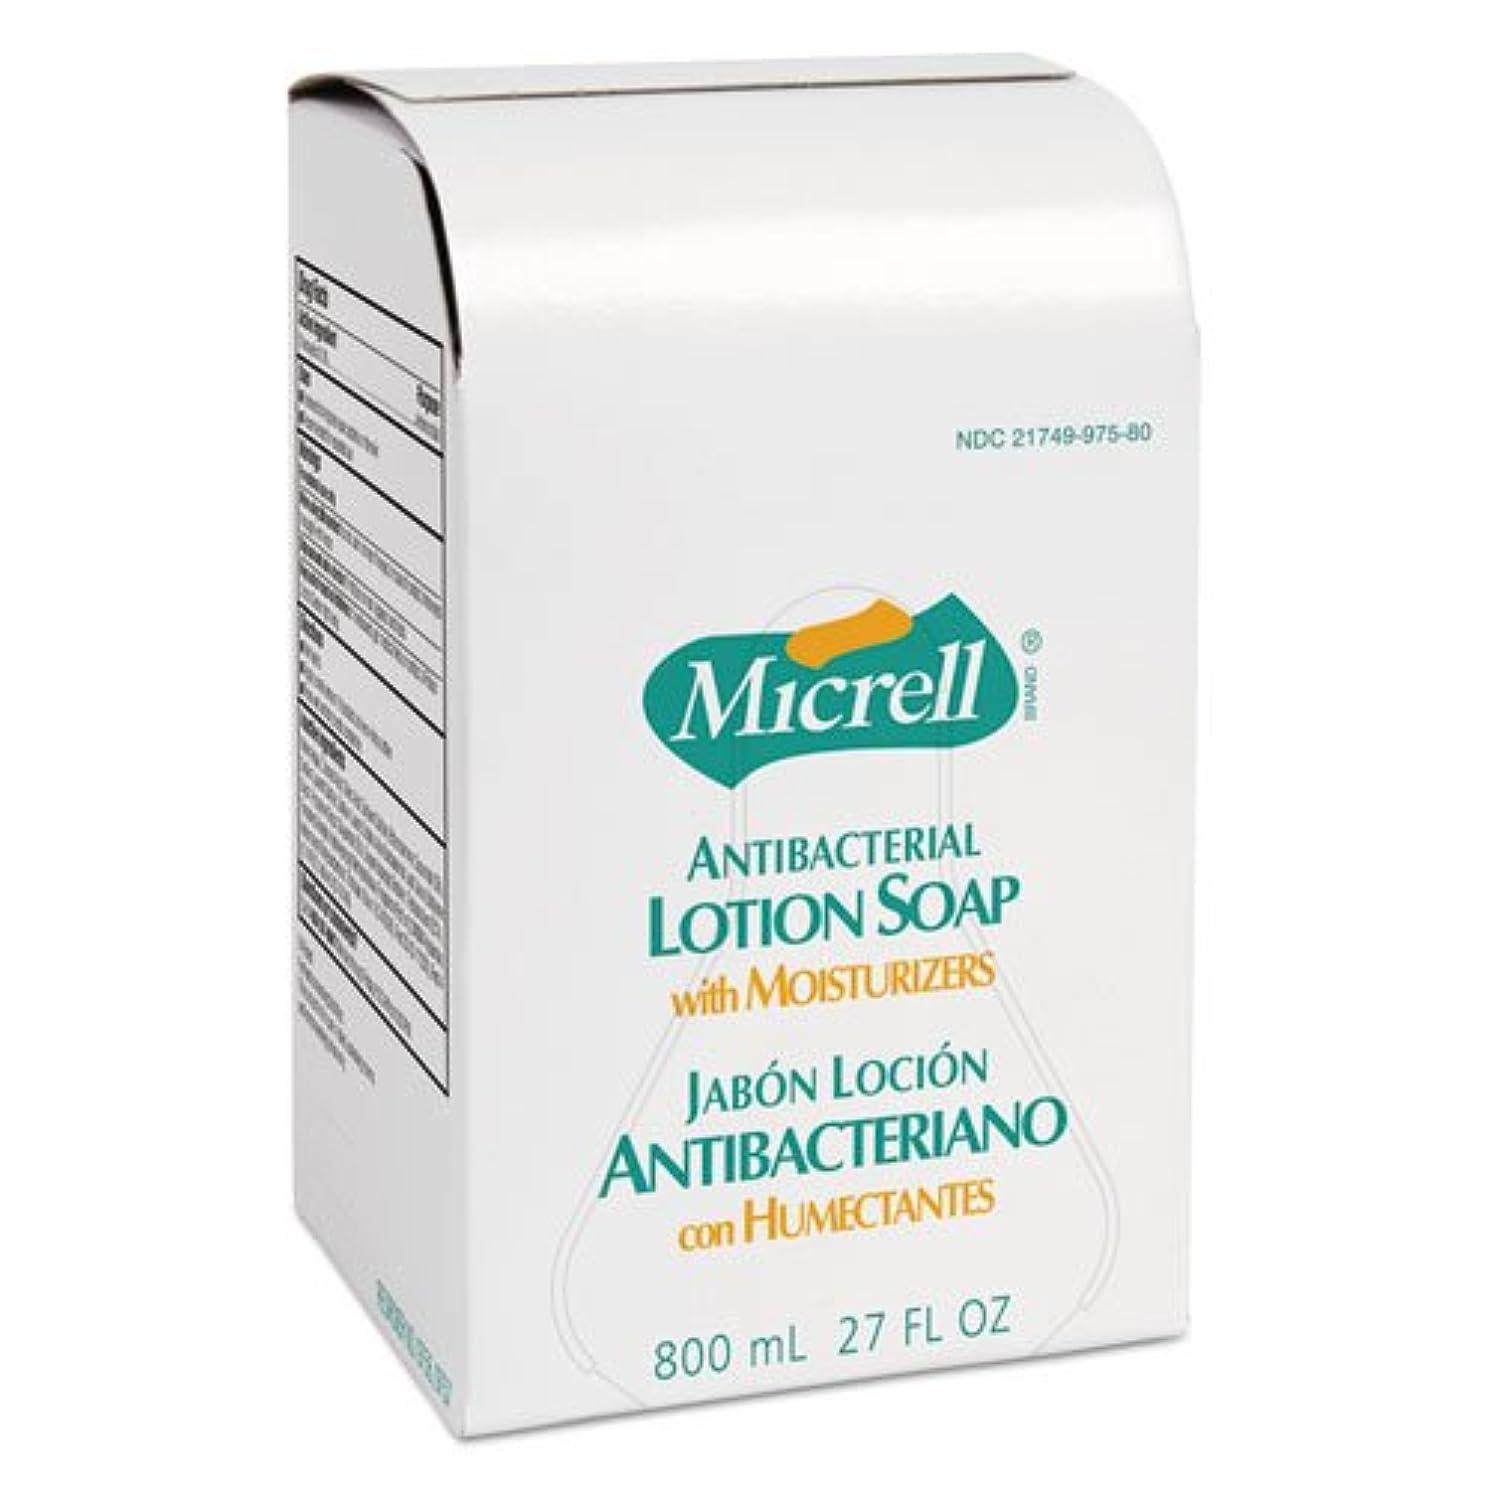 バンケット硬化する勧告goj975606 – MICRELL抗菌ローションソープ